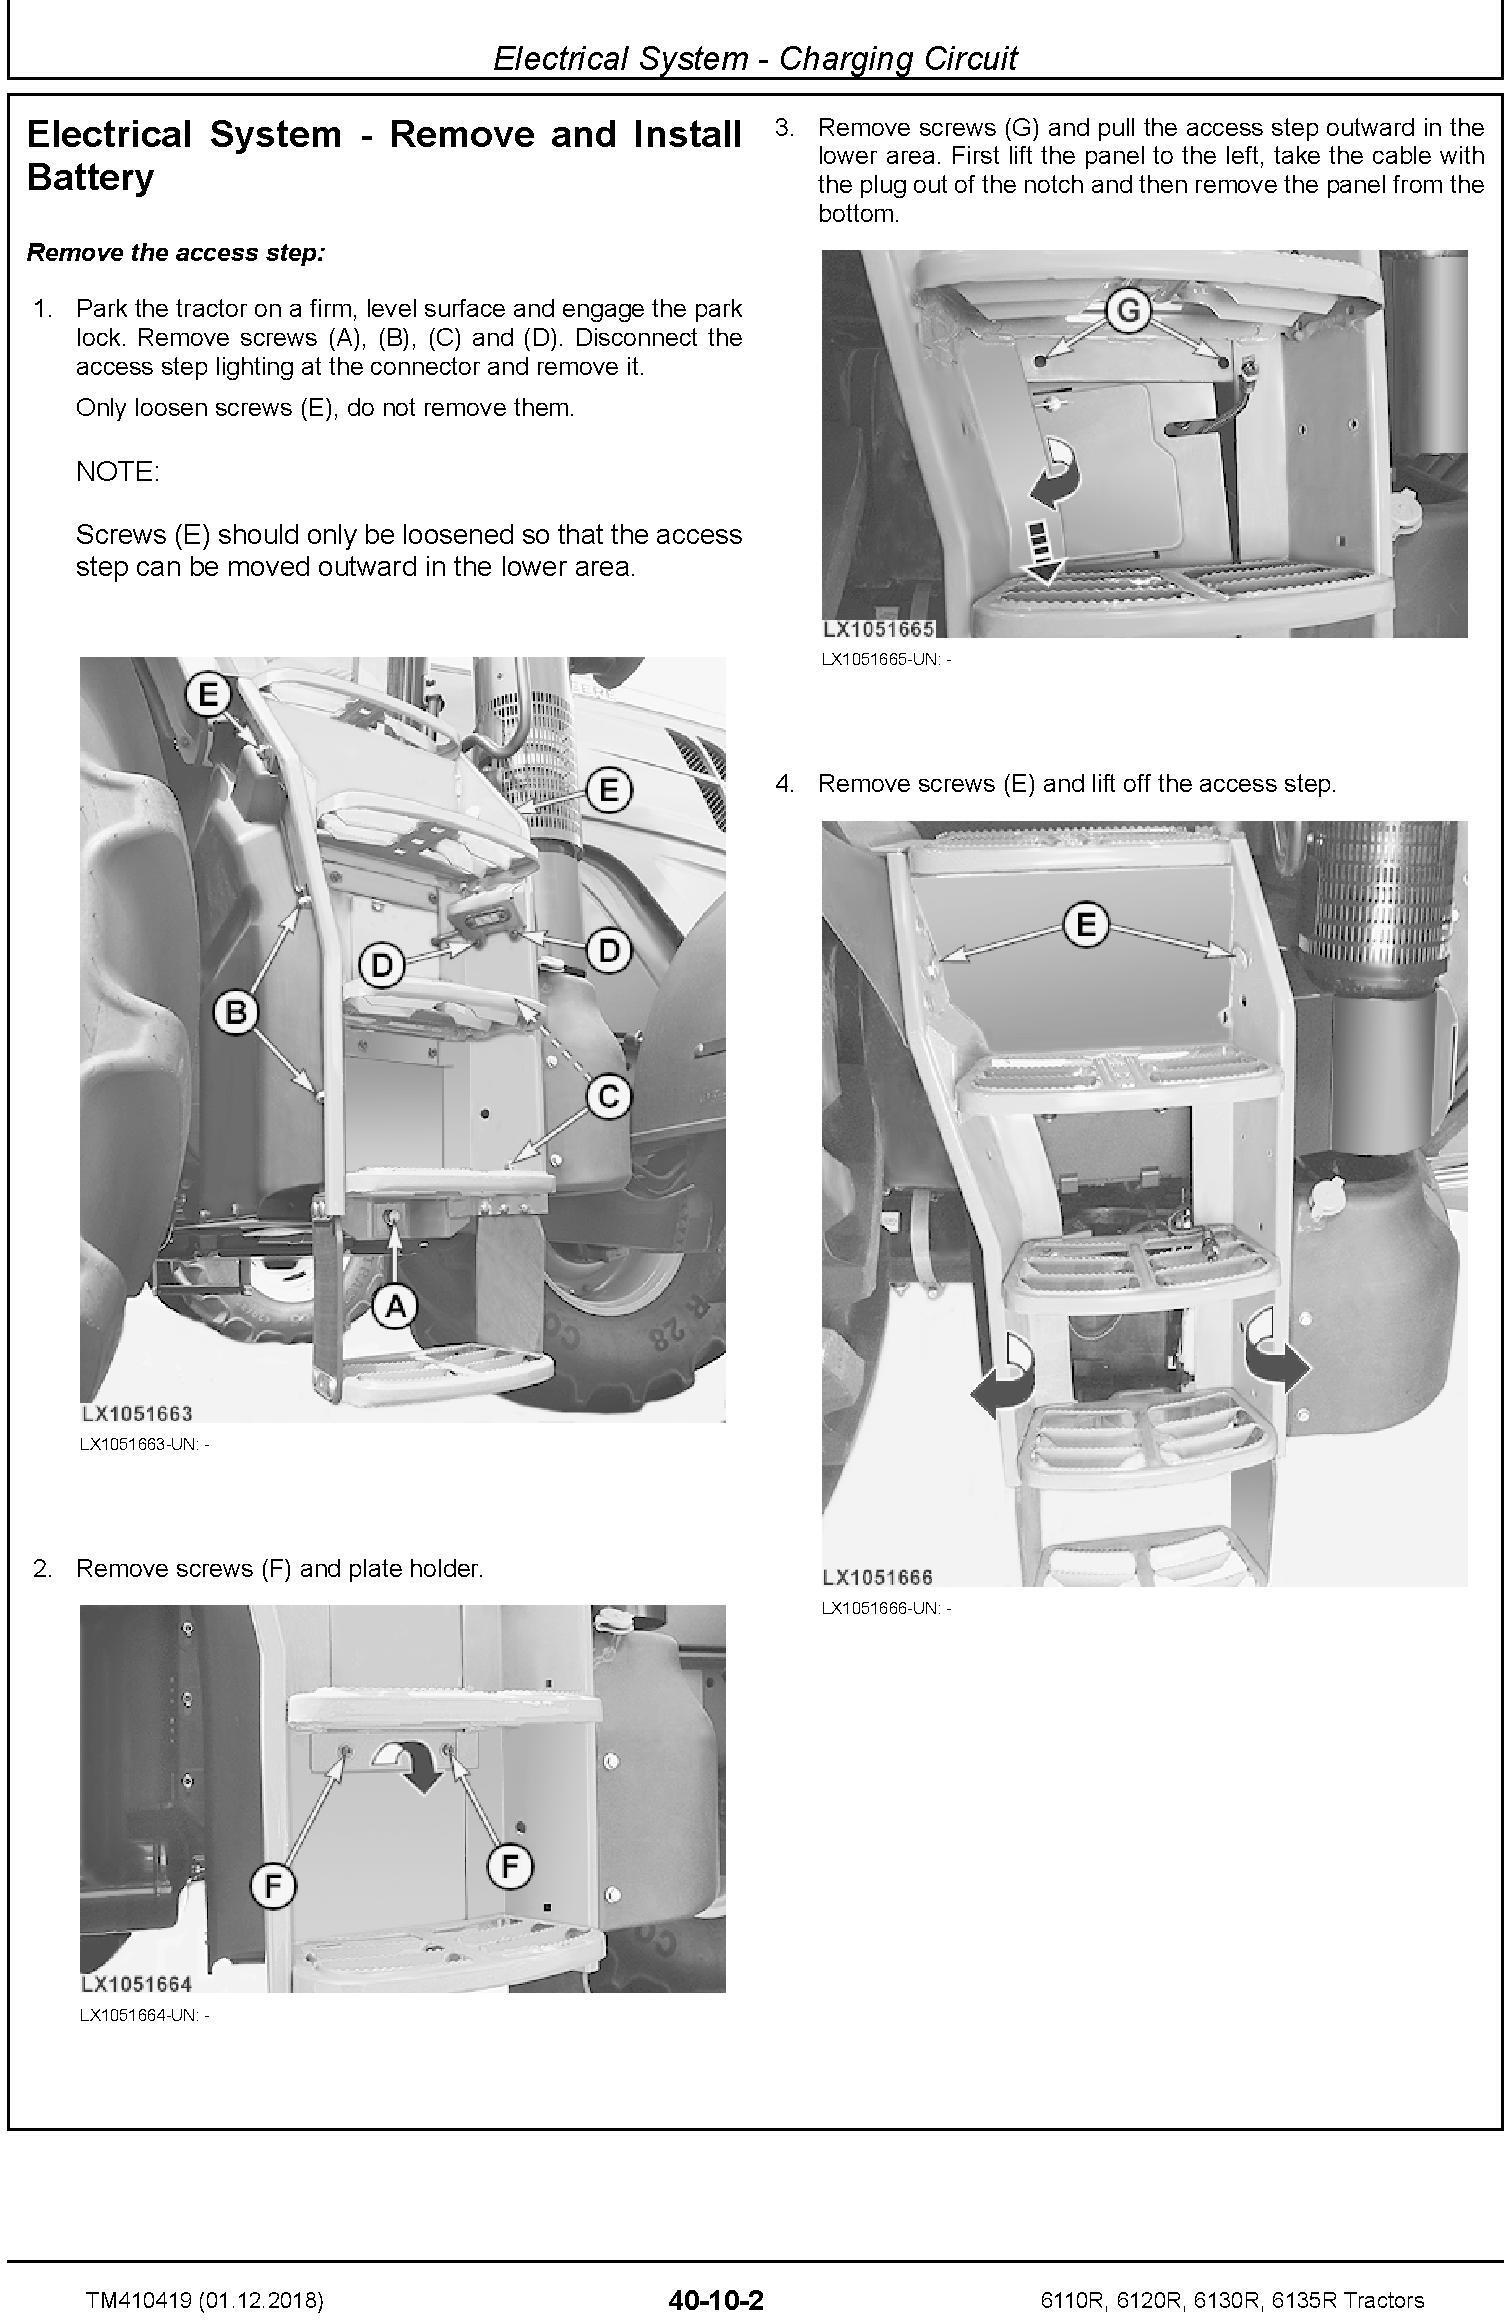 John Deere 6110R, 6120R, 6130R, 6135R Tractors (MY18) Service Repair Technical Manual (TM410419) - 1